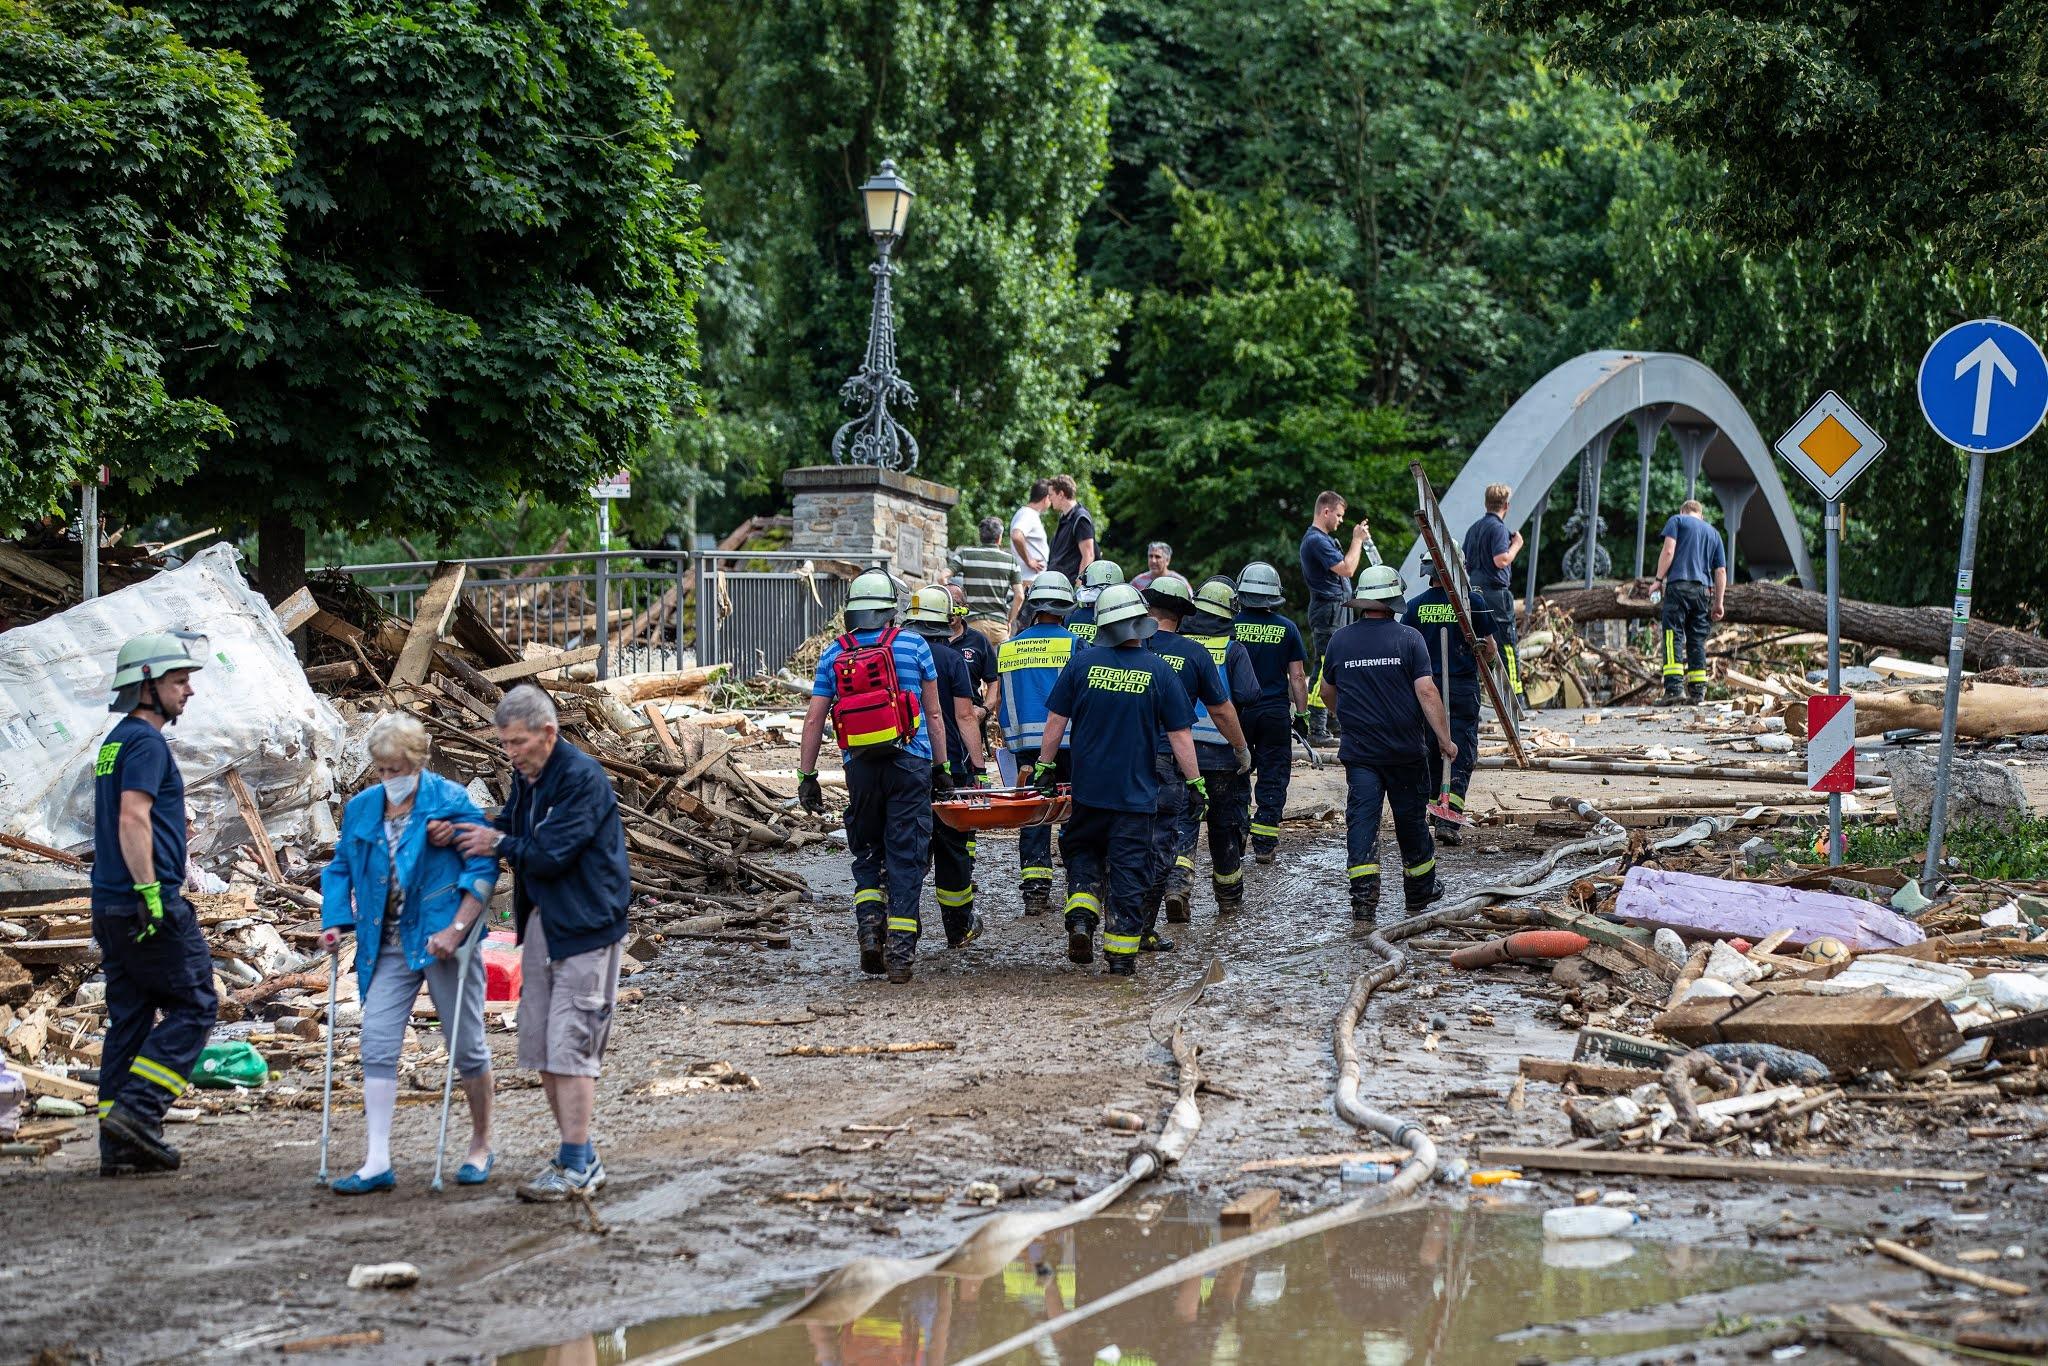 Catástrofe en Europa: el temporal ya dejó más de 180 muertos, desaparecidos y pérdidas millonarias